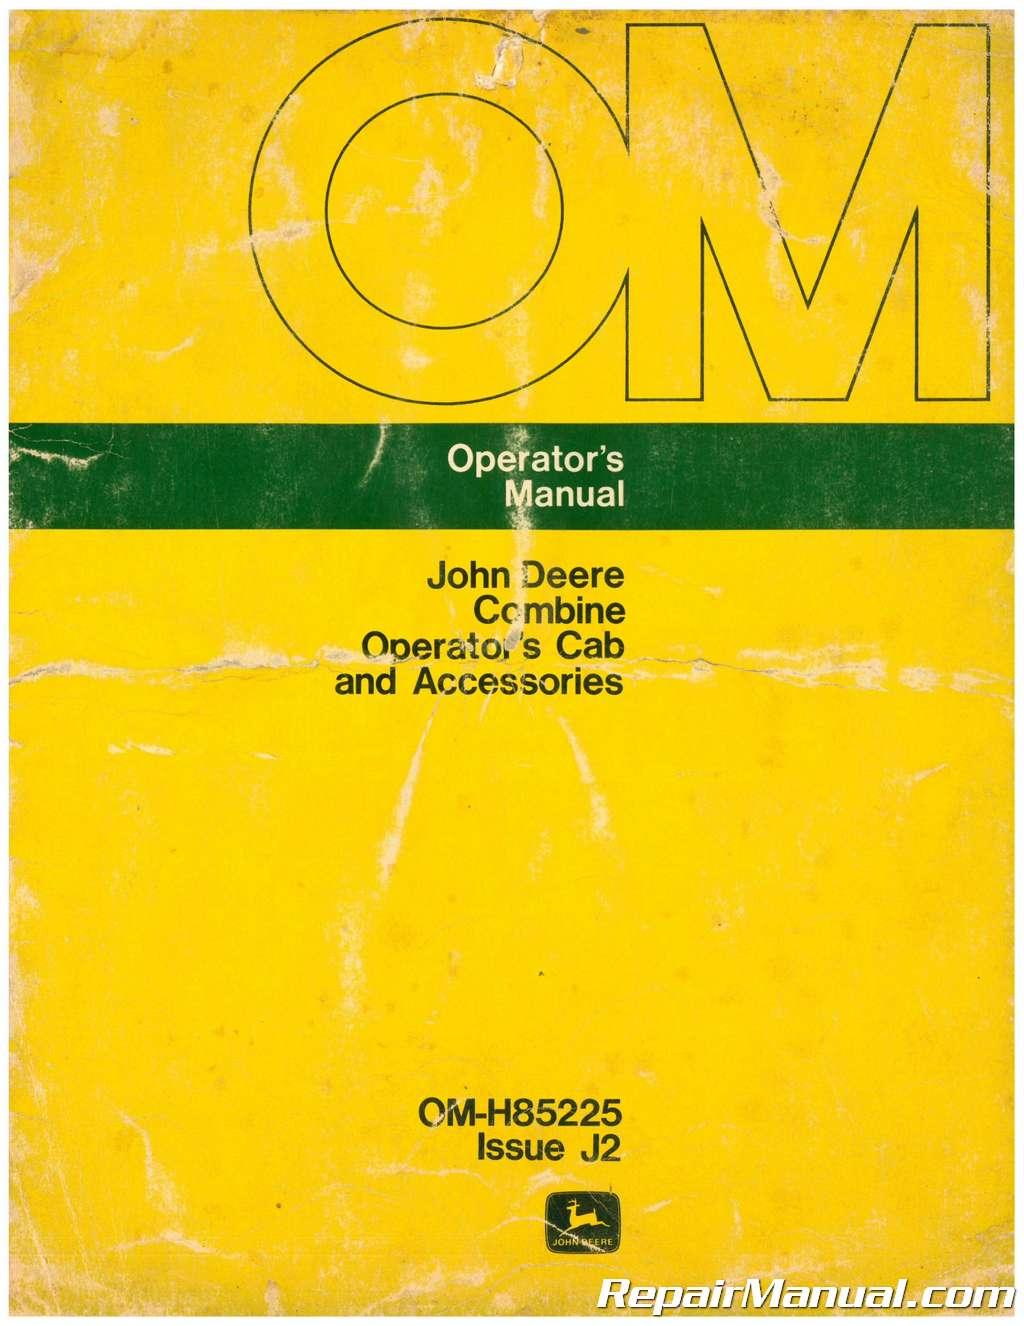 Used John Deere Combine Operators Cab And Accessories Manual Jd 575 Skid Steer Wiring Diagram 001